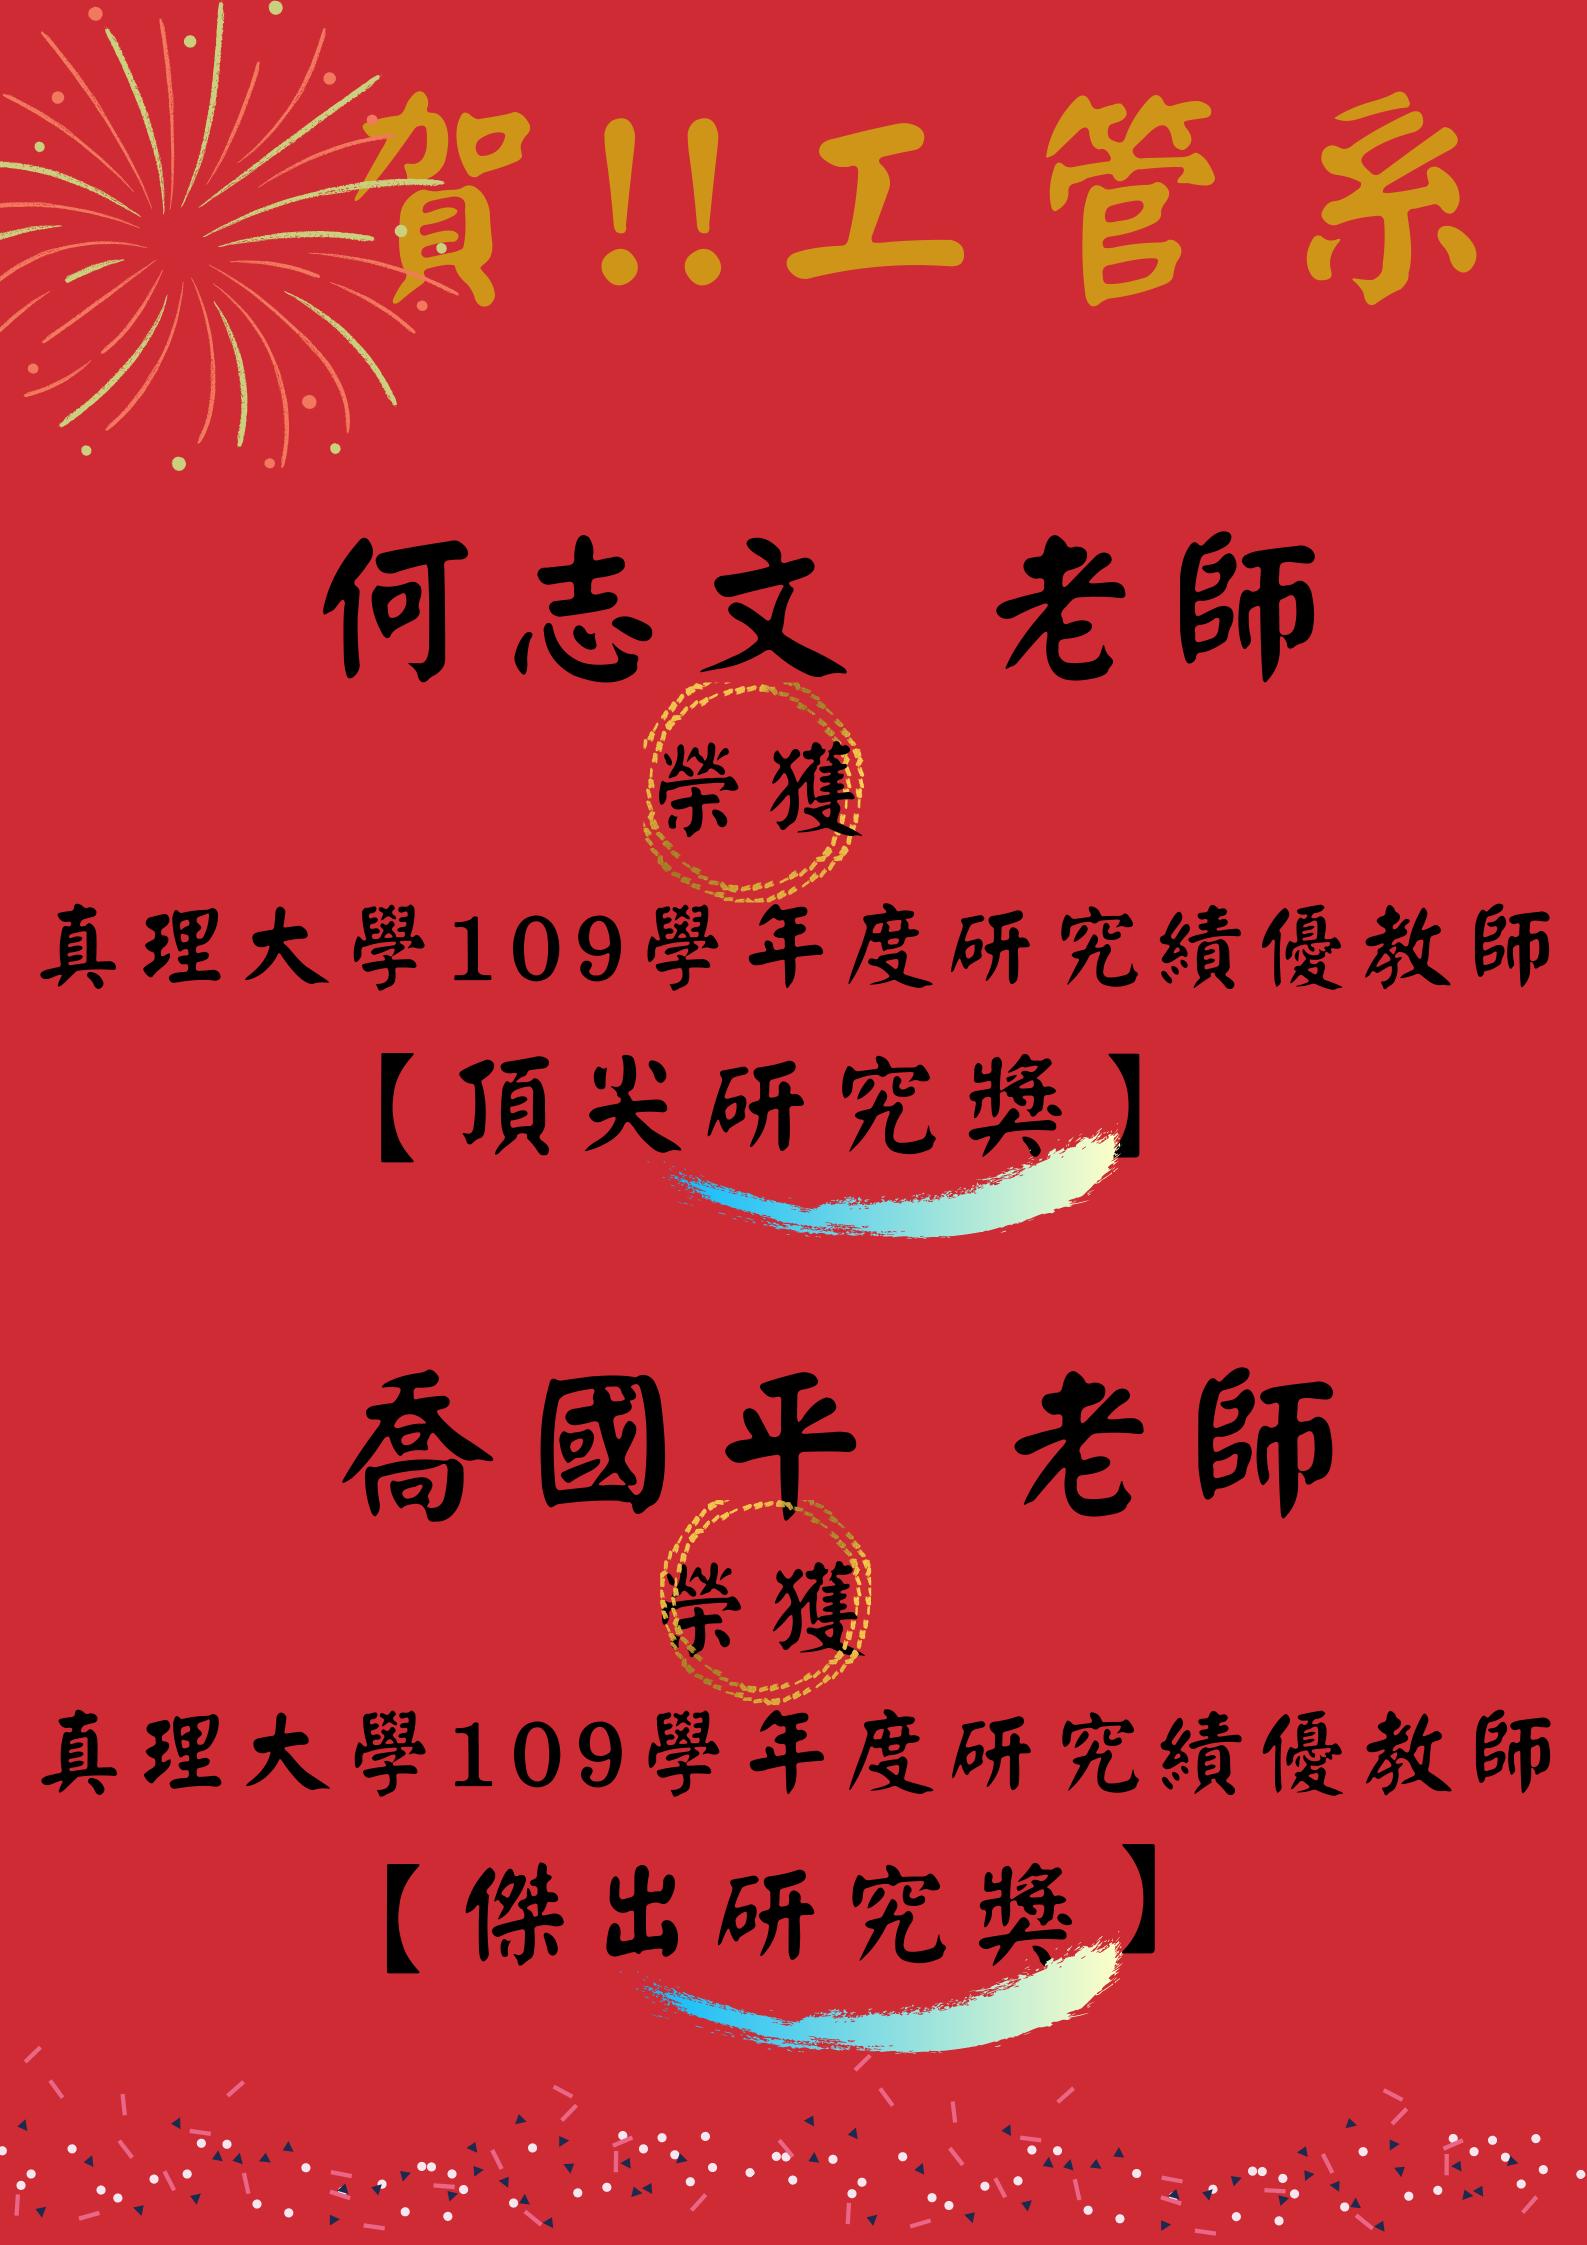 109研究績優教師